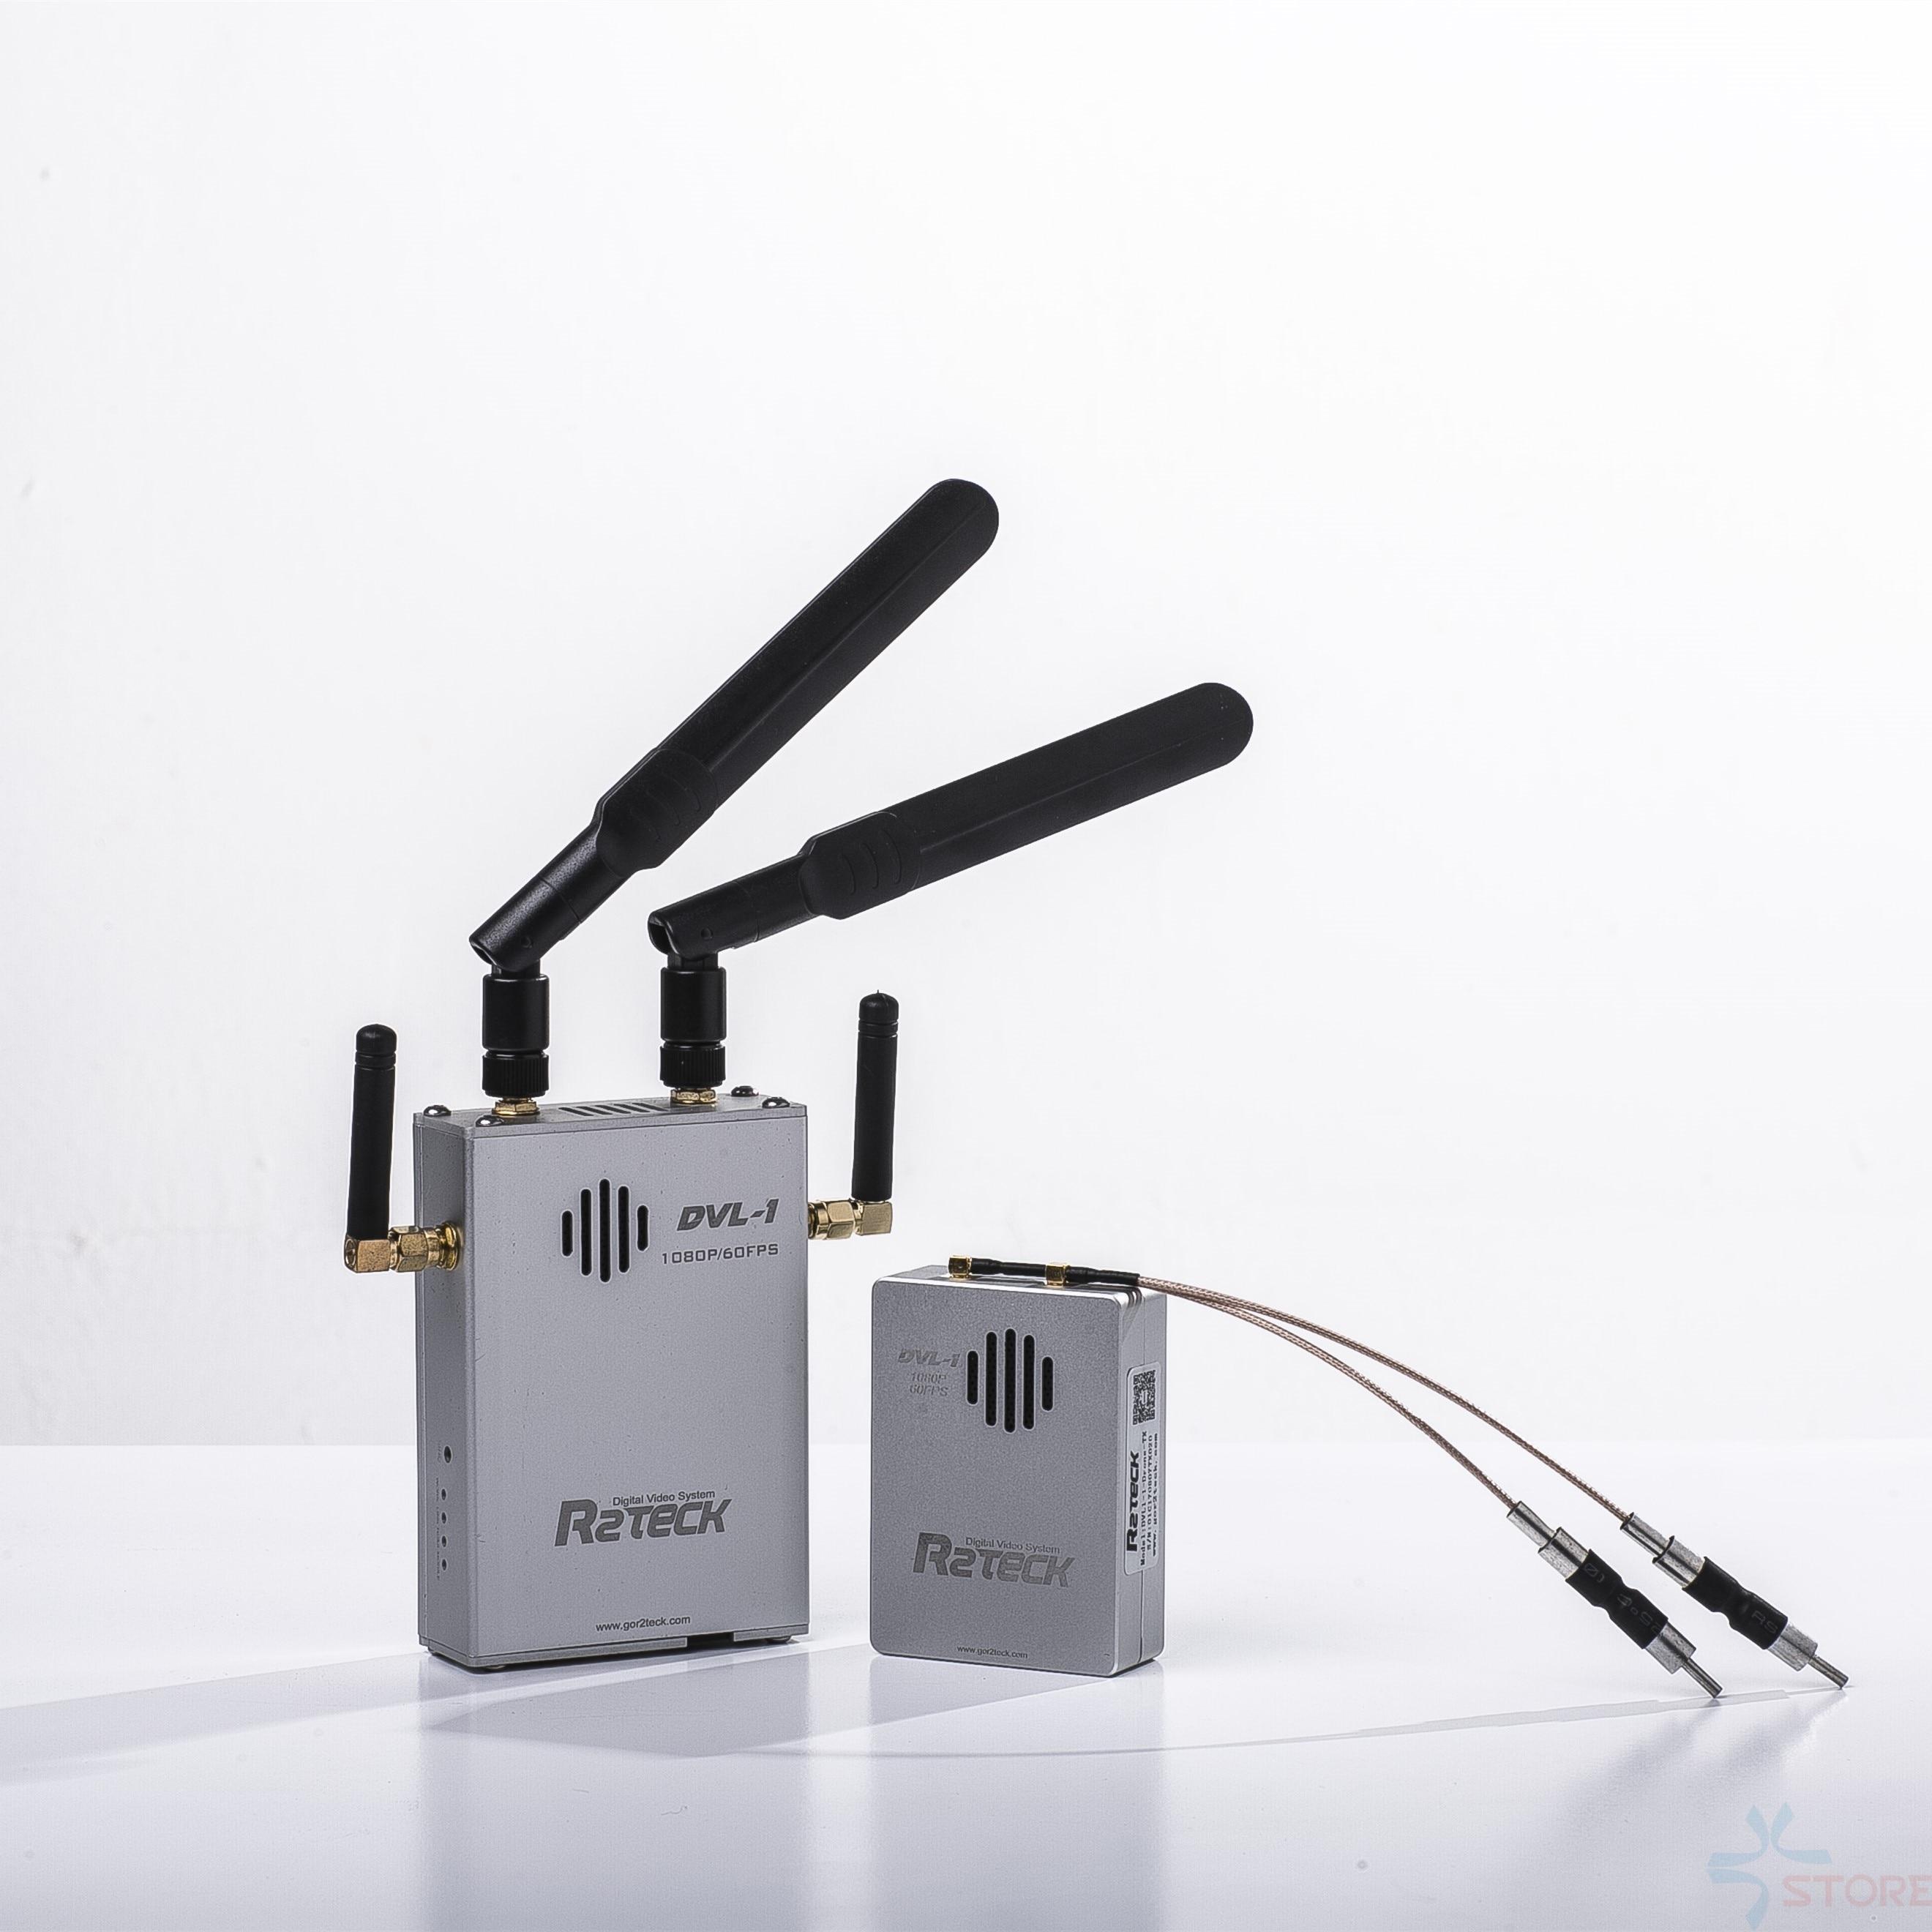 Système de transmission vidéo numérique DVL1 5G HDMI système de liaison descendante vidéo numérique R2Teck